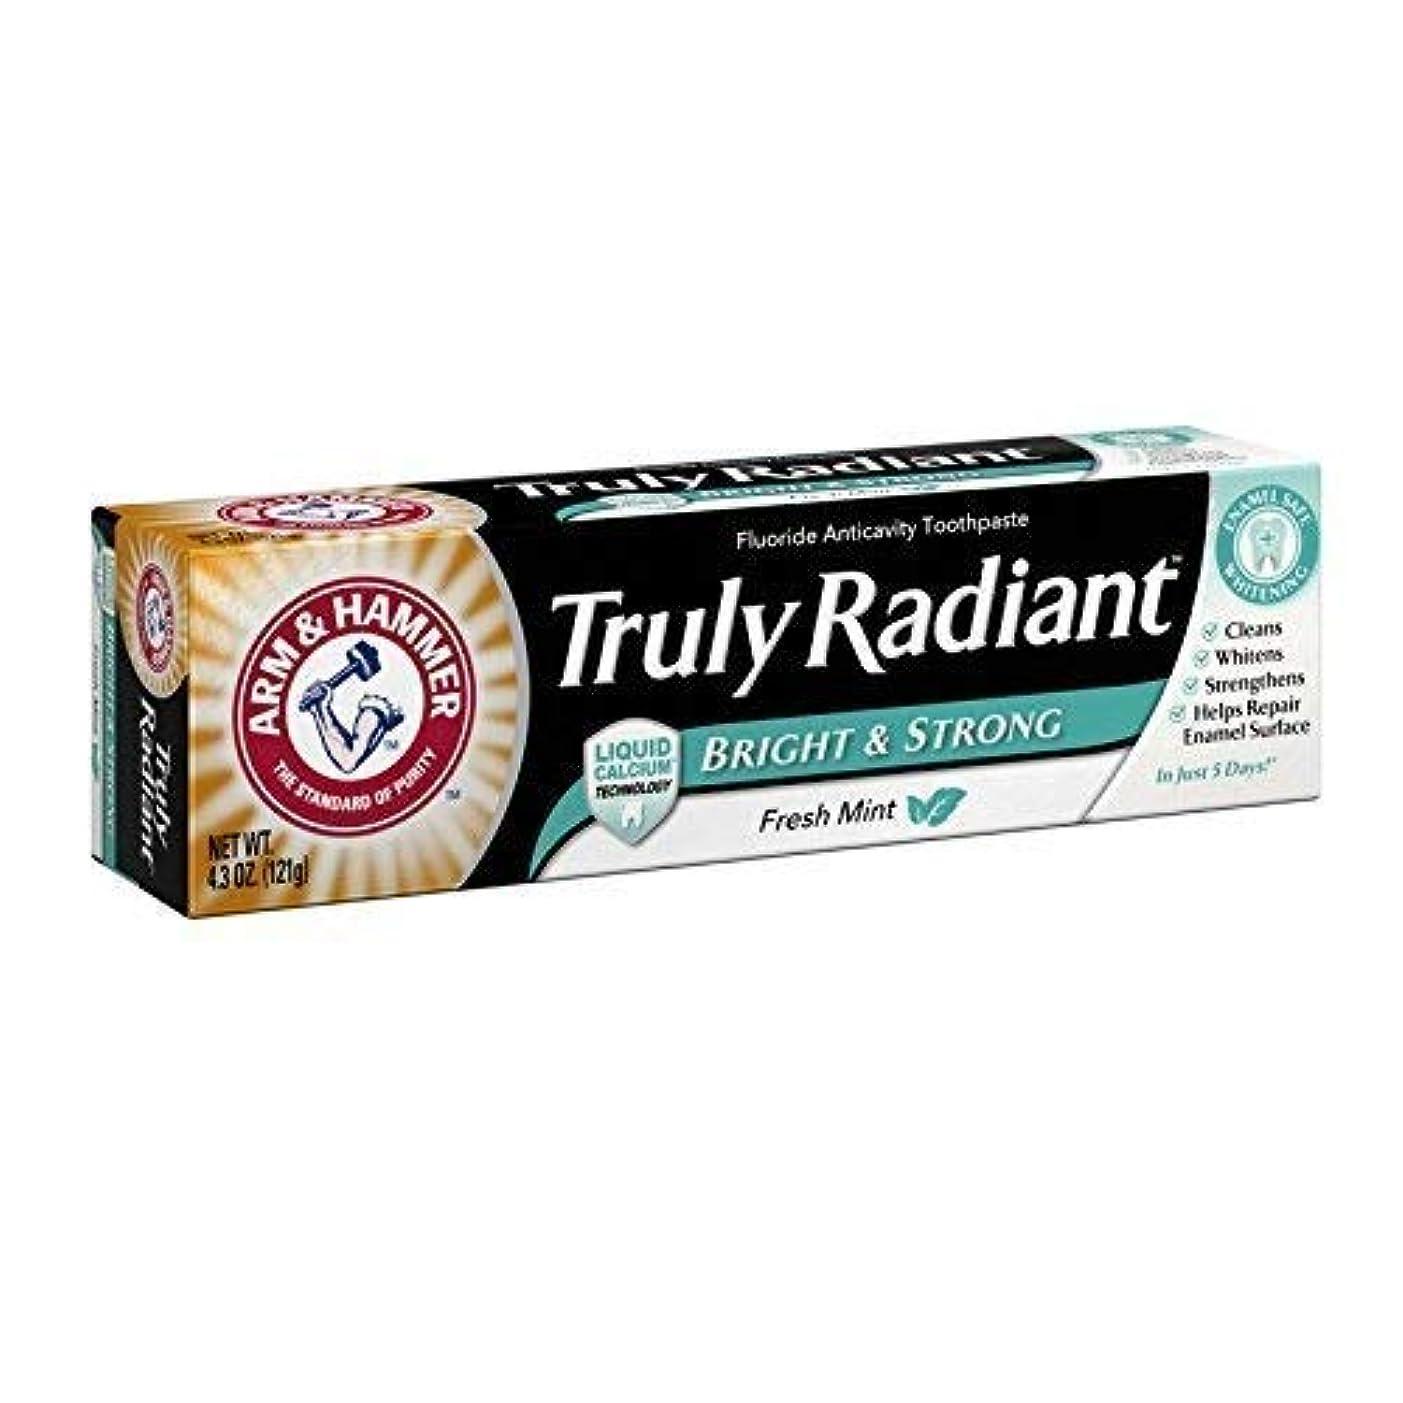 トピック移行ほとんどないArm & Hammer 本当にラディアン明るい&ストロングフッ化物虫歯予防歯磨きフレッシュミント4.3オズ 4.3 NET WT。